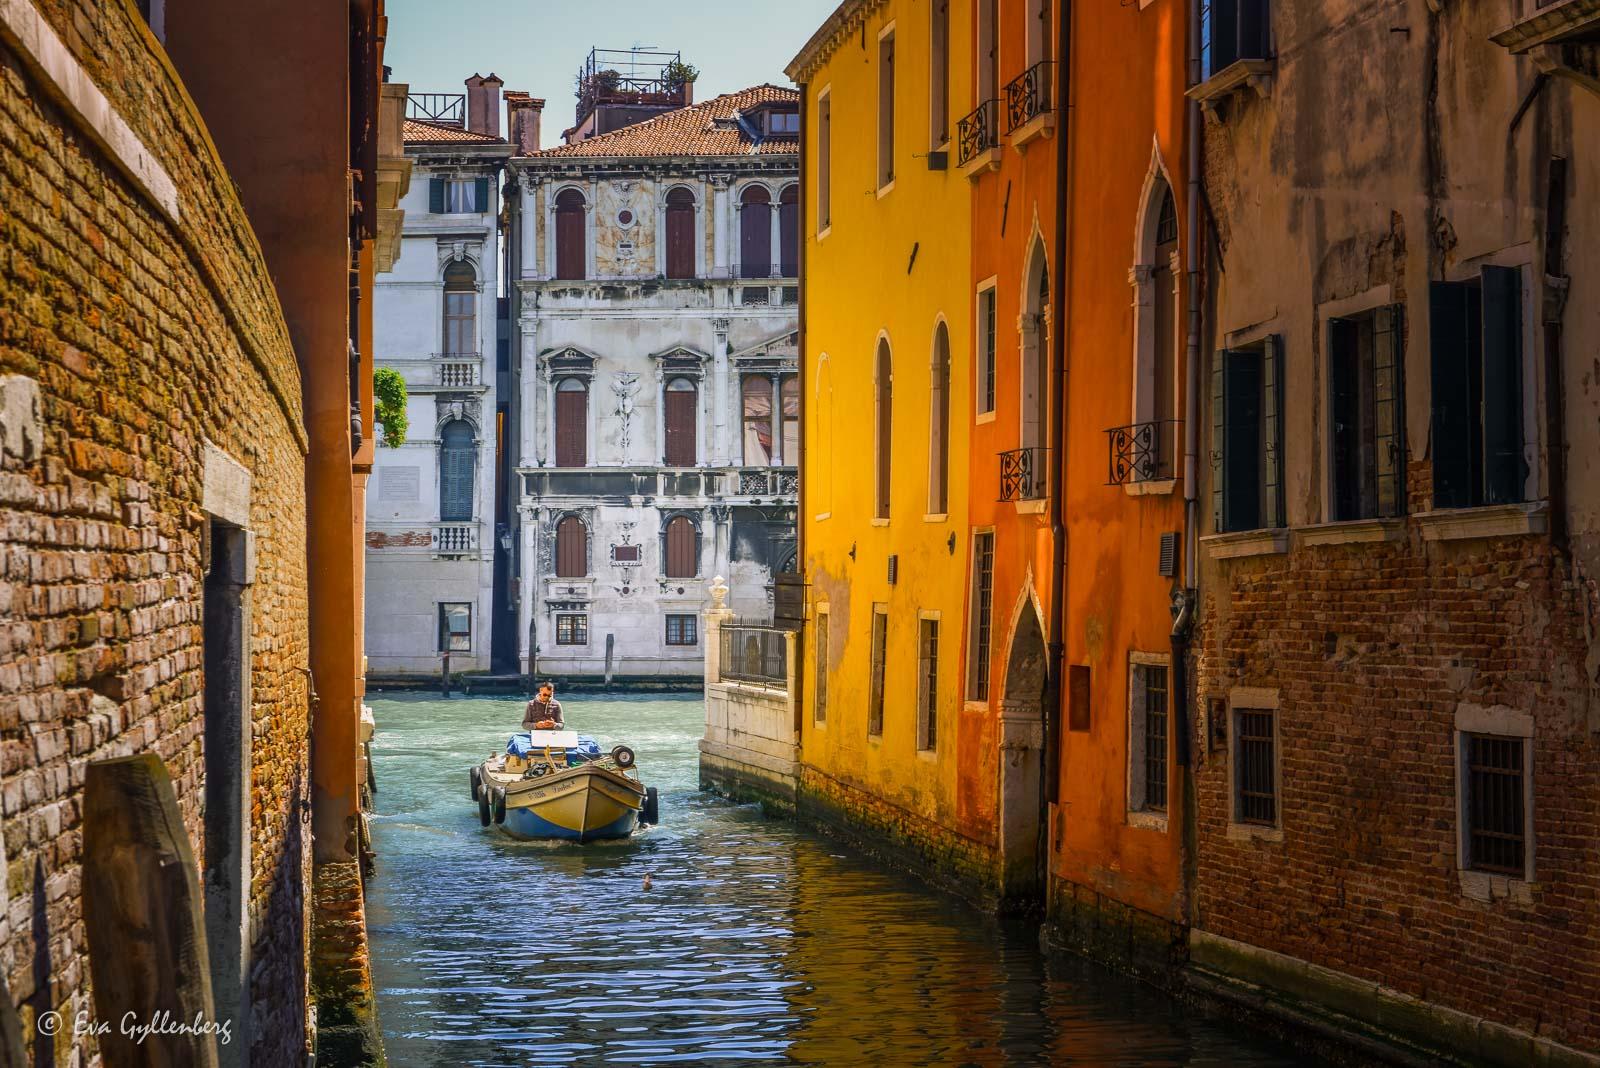 Båt i liten kanal i Venedig